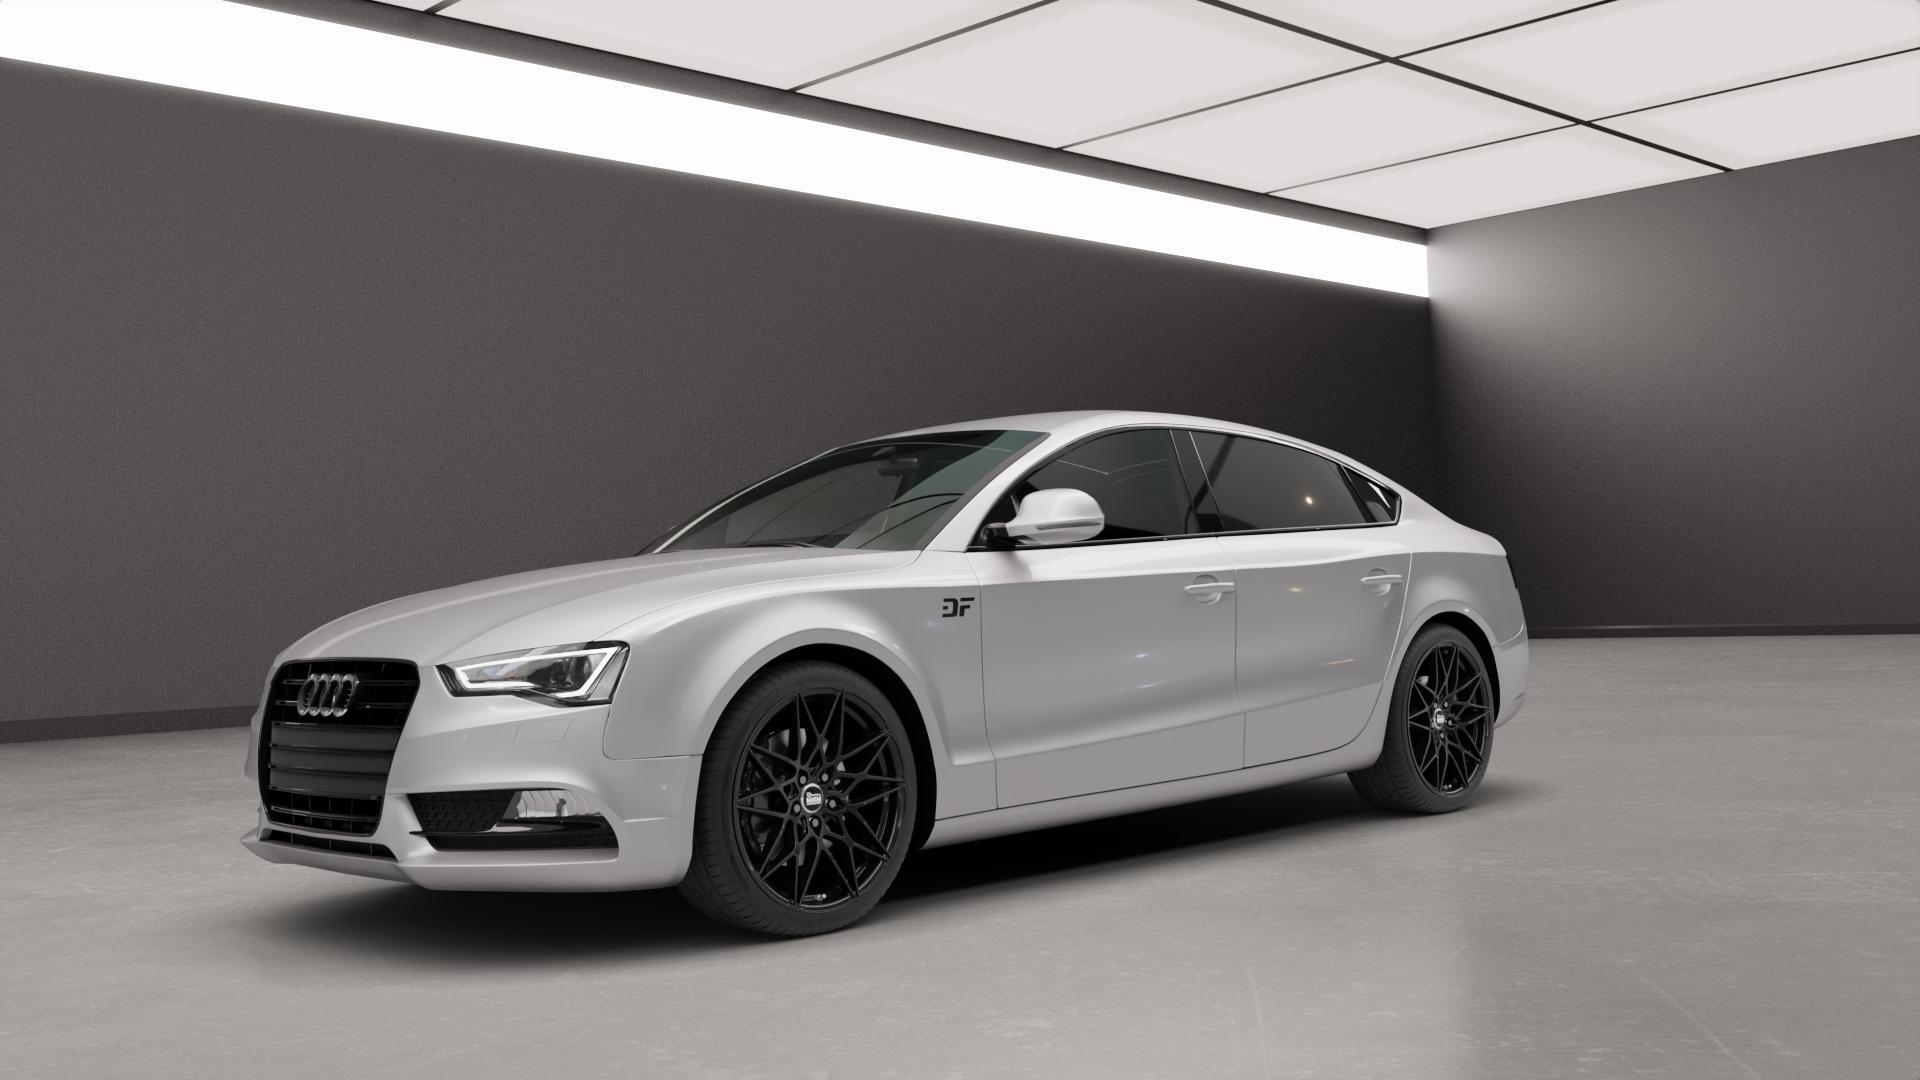 MAM B2 BLACK PAINTED Felge mit Reifen schwarz in 19Zoll Winterfelge Alufelge auf silbernem Audi A5 Typ B8 (Sportback) Facelift ⬇️ mit 15mm Tieferlegung ⬇️ Neutral_mid_max5300mm Frontansicht_1